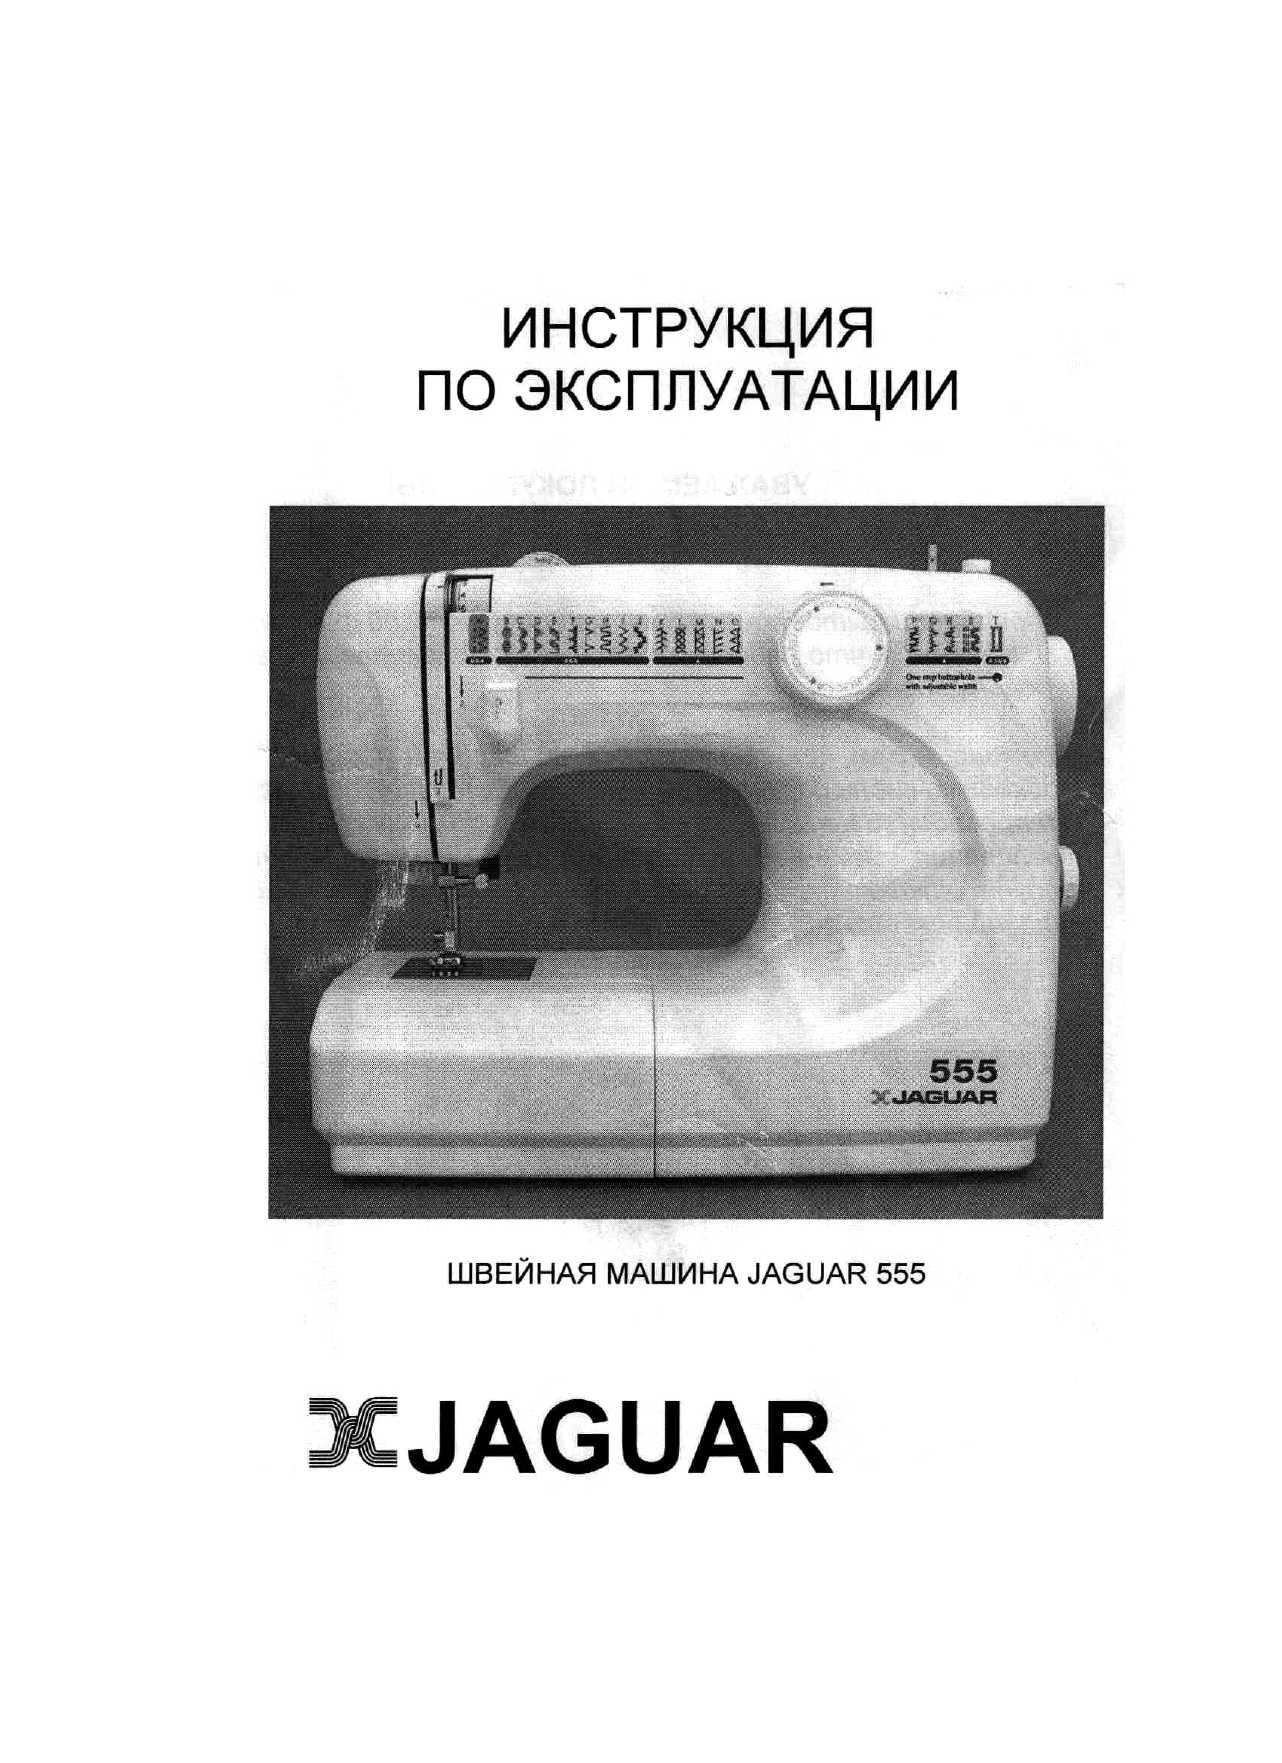 Мотоблок Нева с Двигателем Субару инструкция